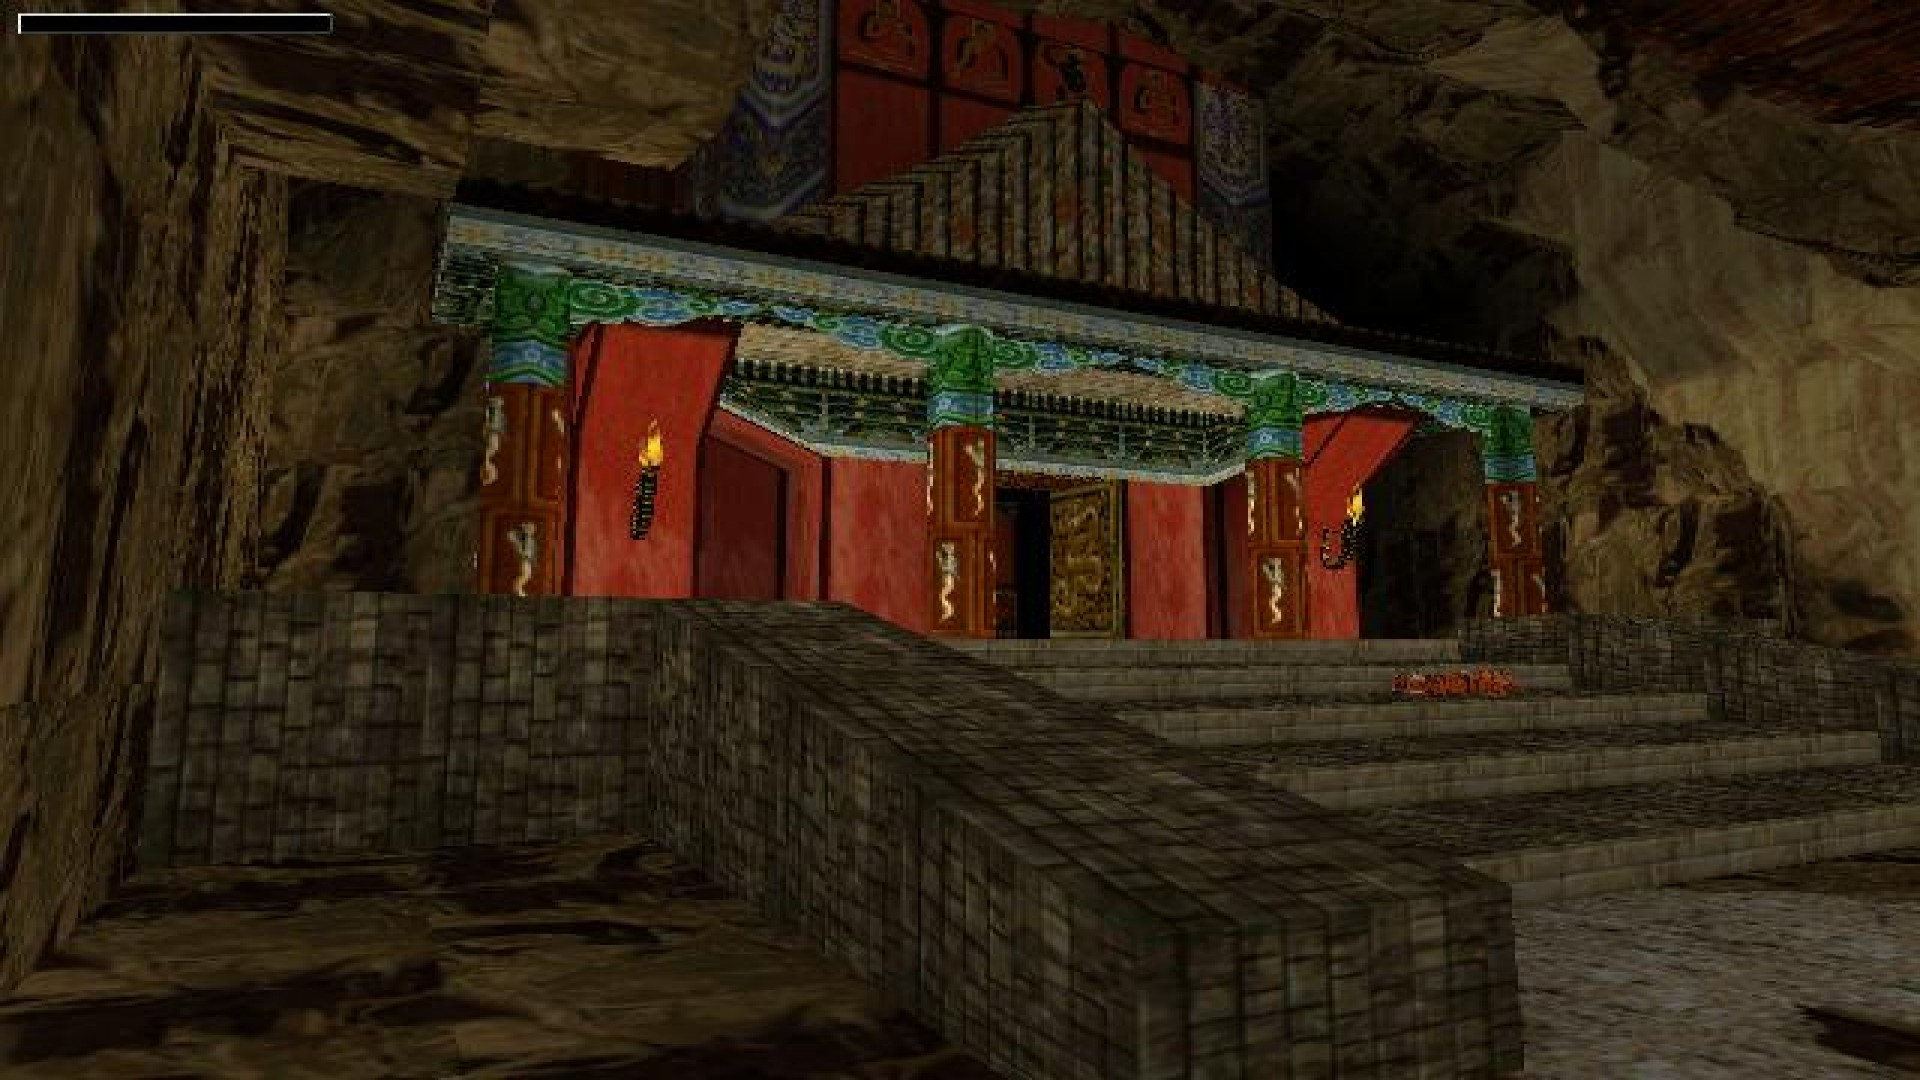 تحميل لعبة تومب رايدر الجزء الثاني - Tomb Raider II: Starring Lara Croft